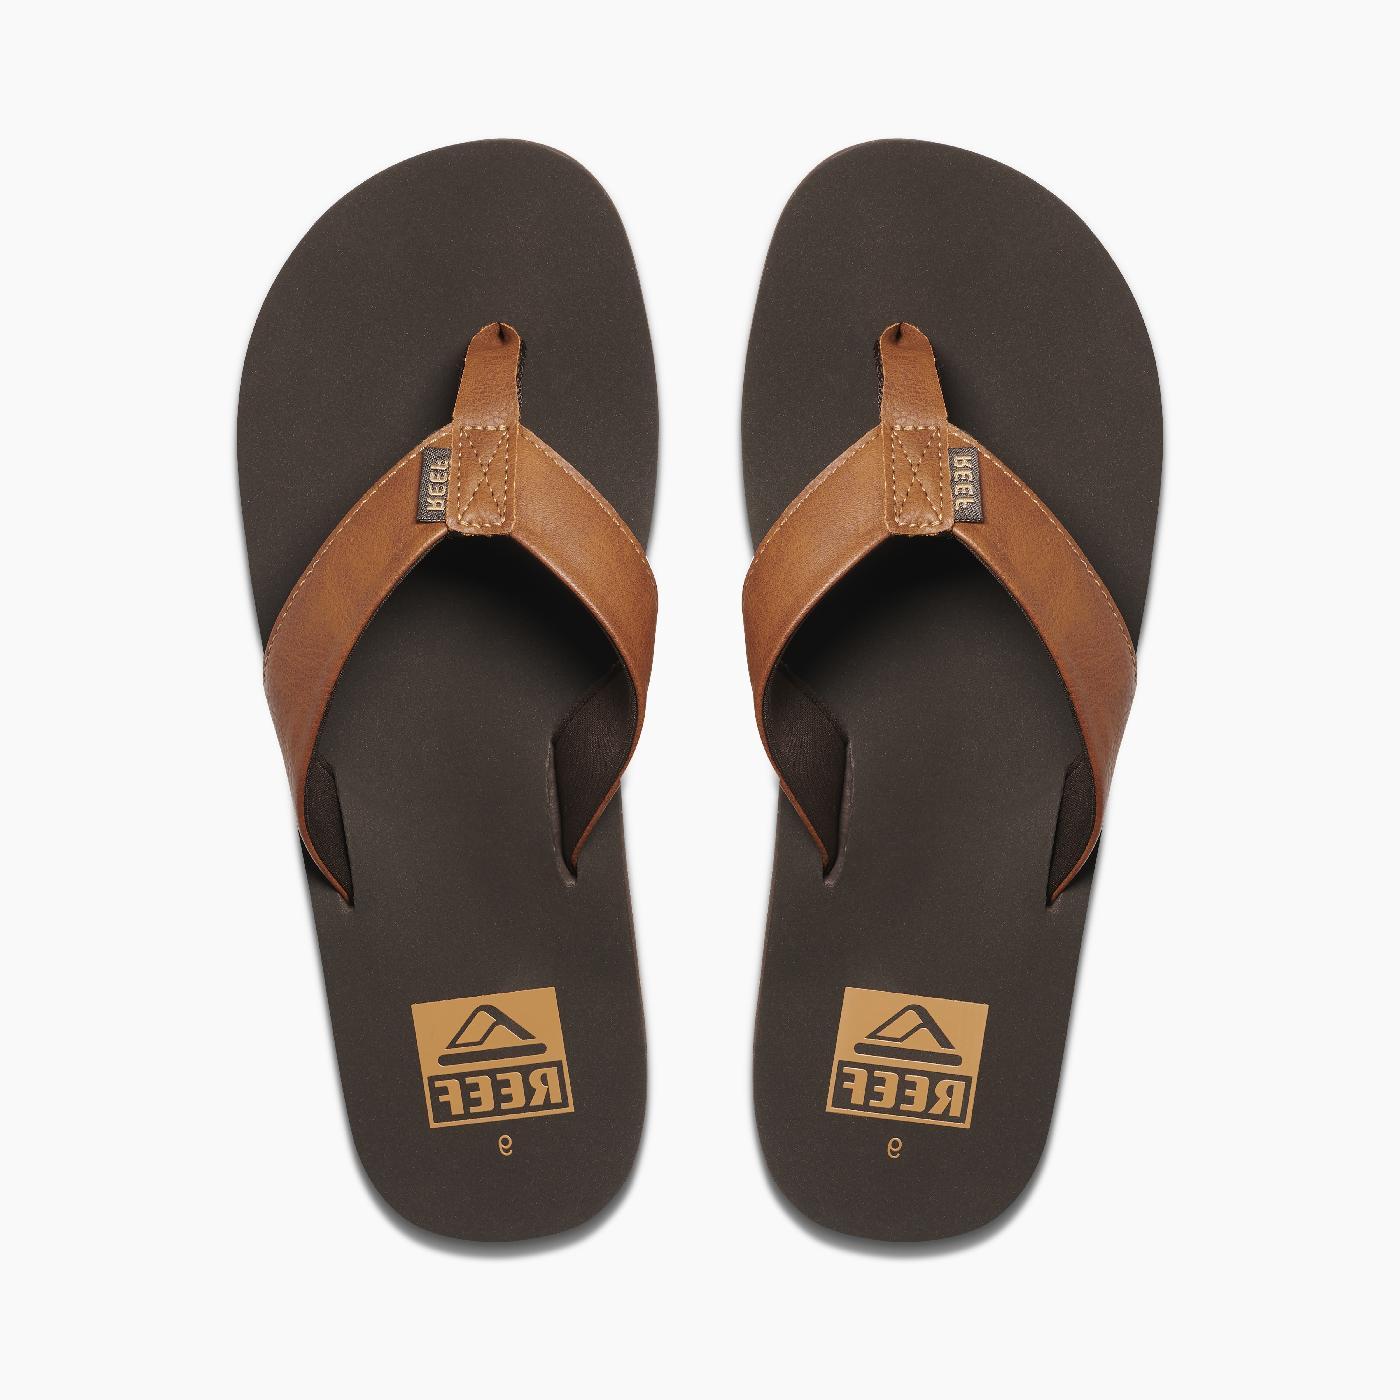 Reef Men's Flip Flops - NWT